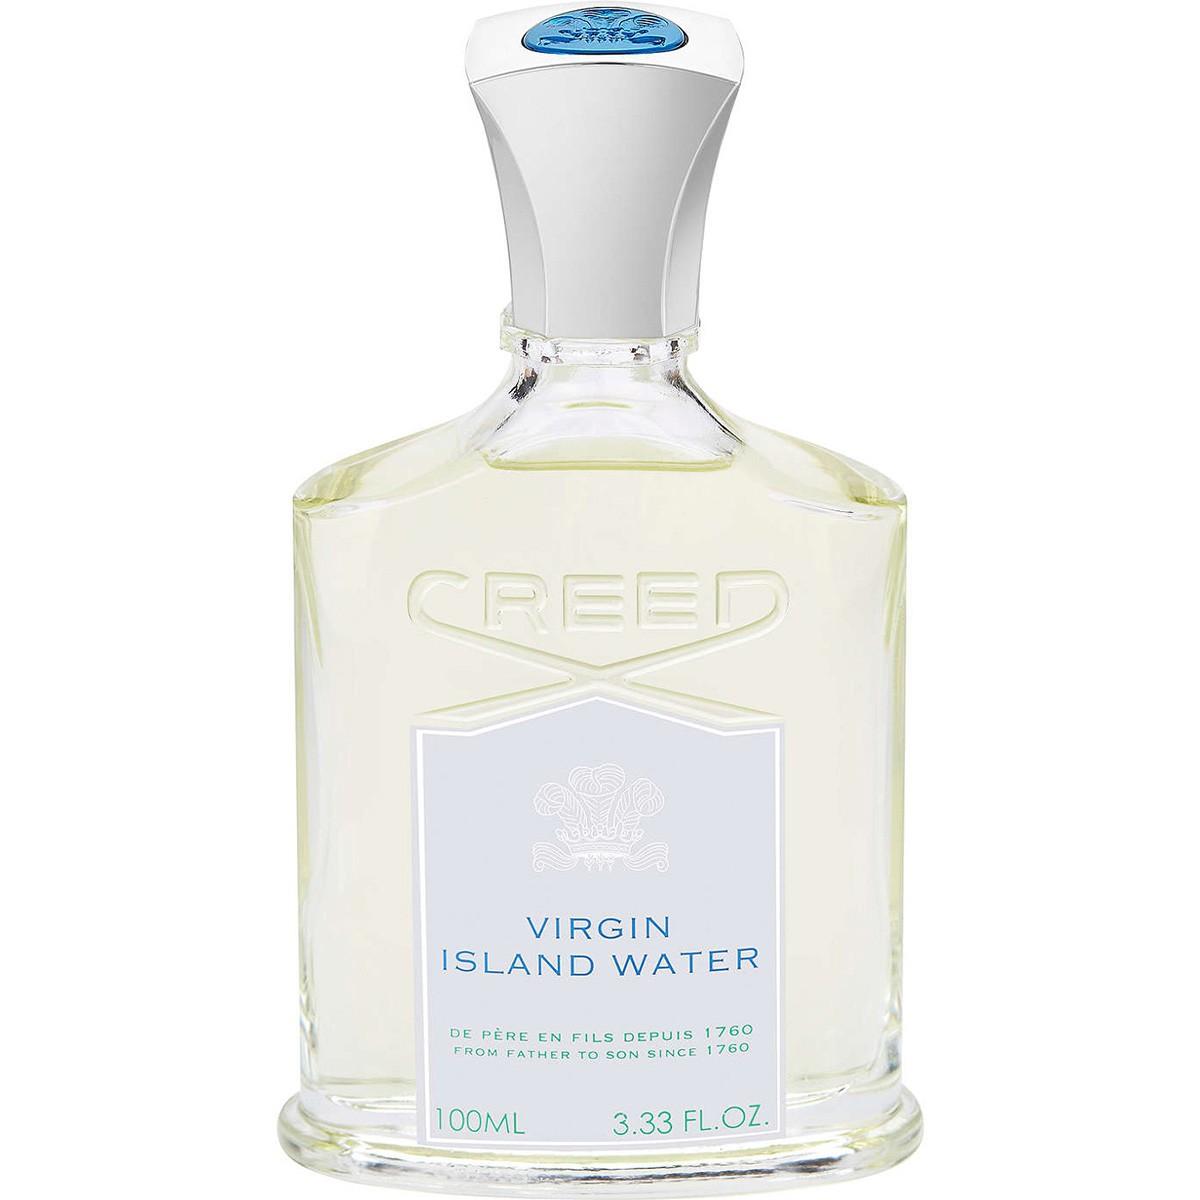 בושם קריד וירג'ין איילנד CREED Virgin Island Water tester